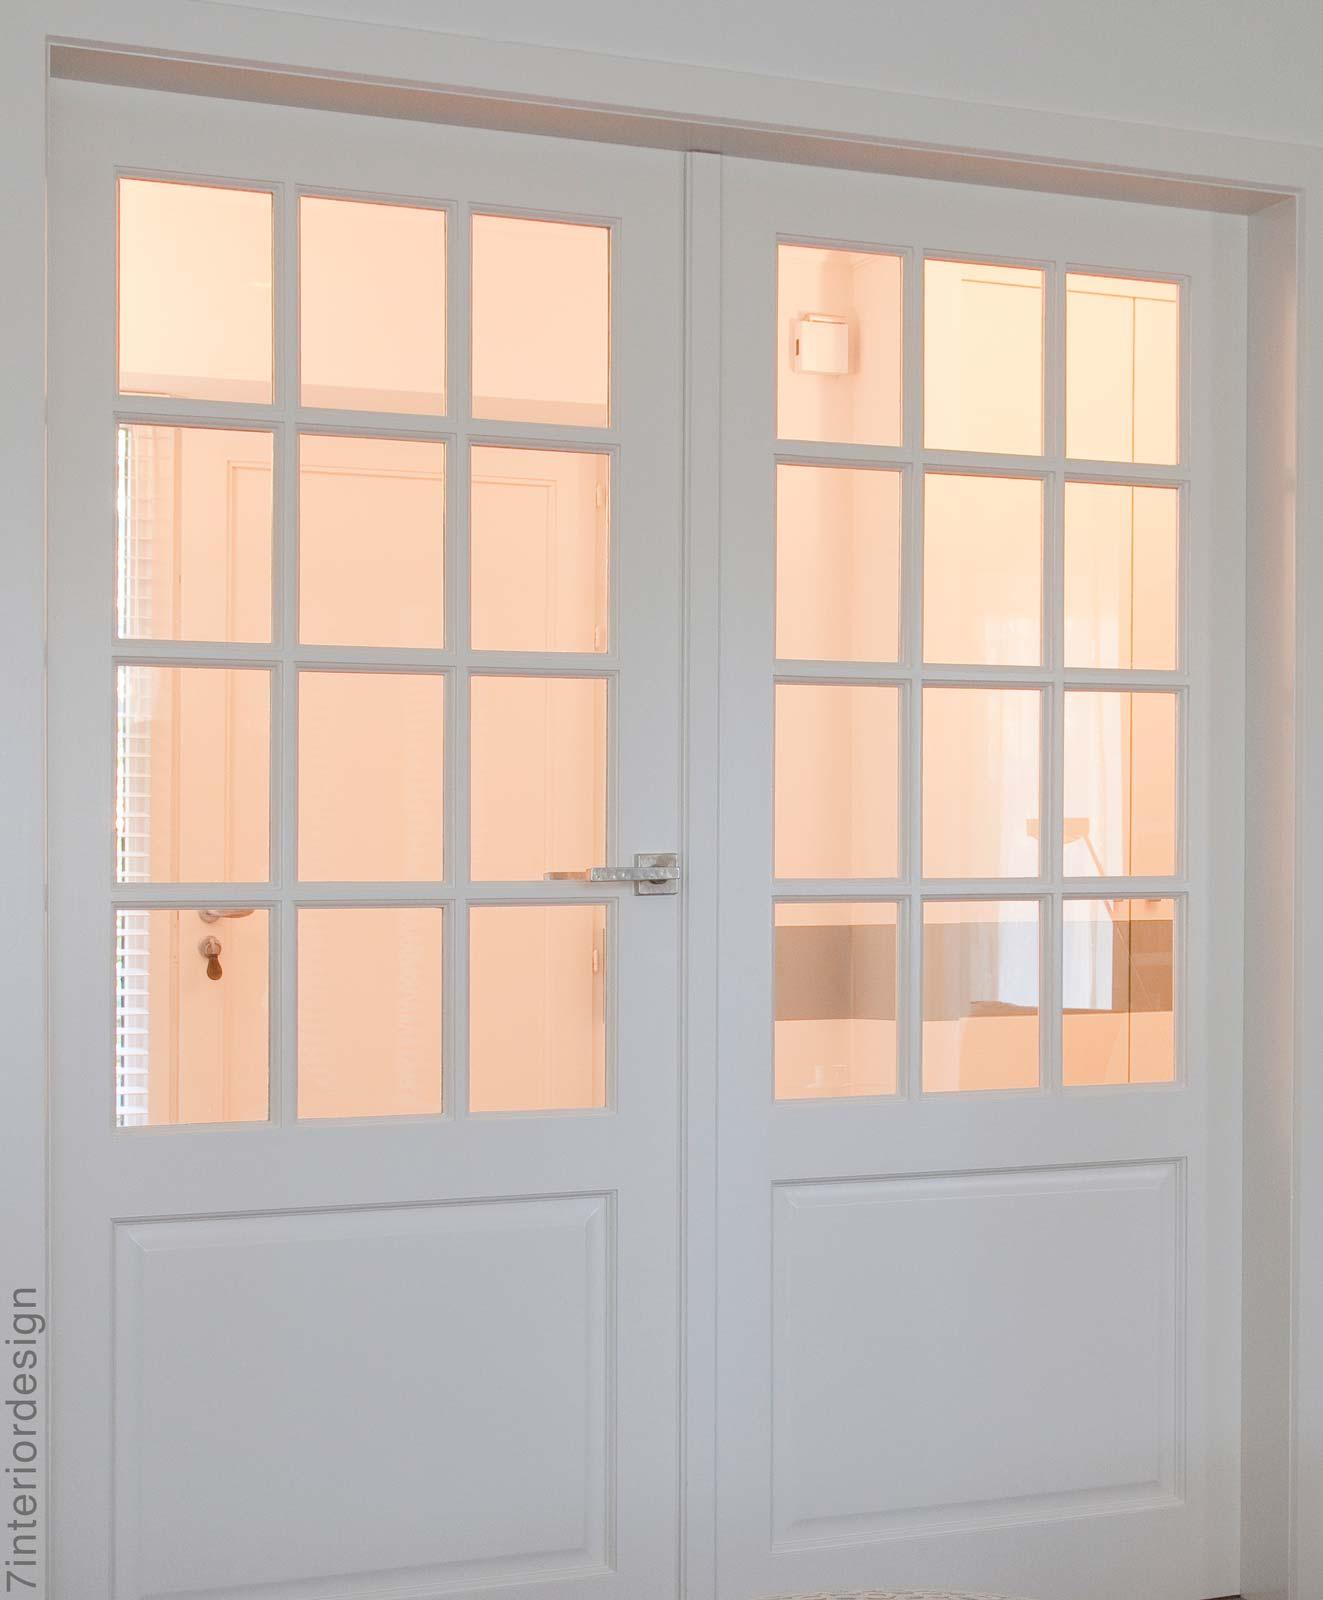 Leprince - binnendeur